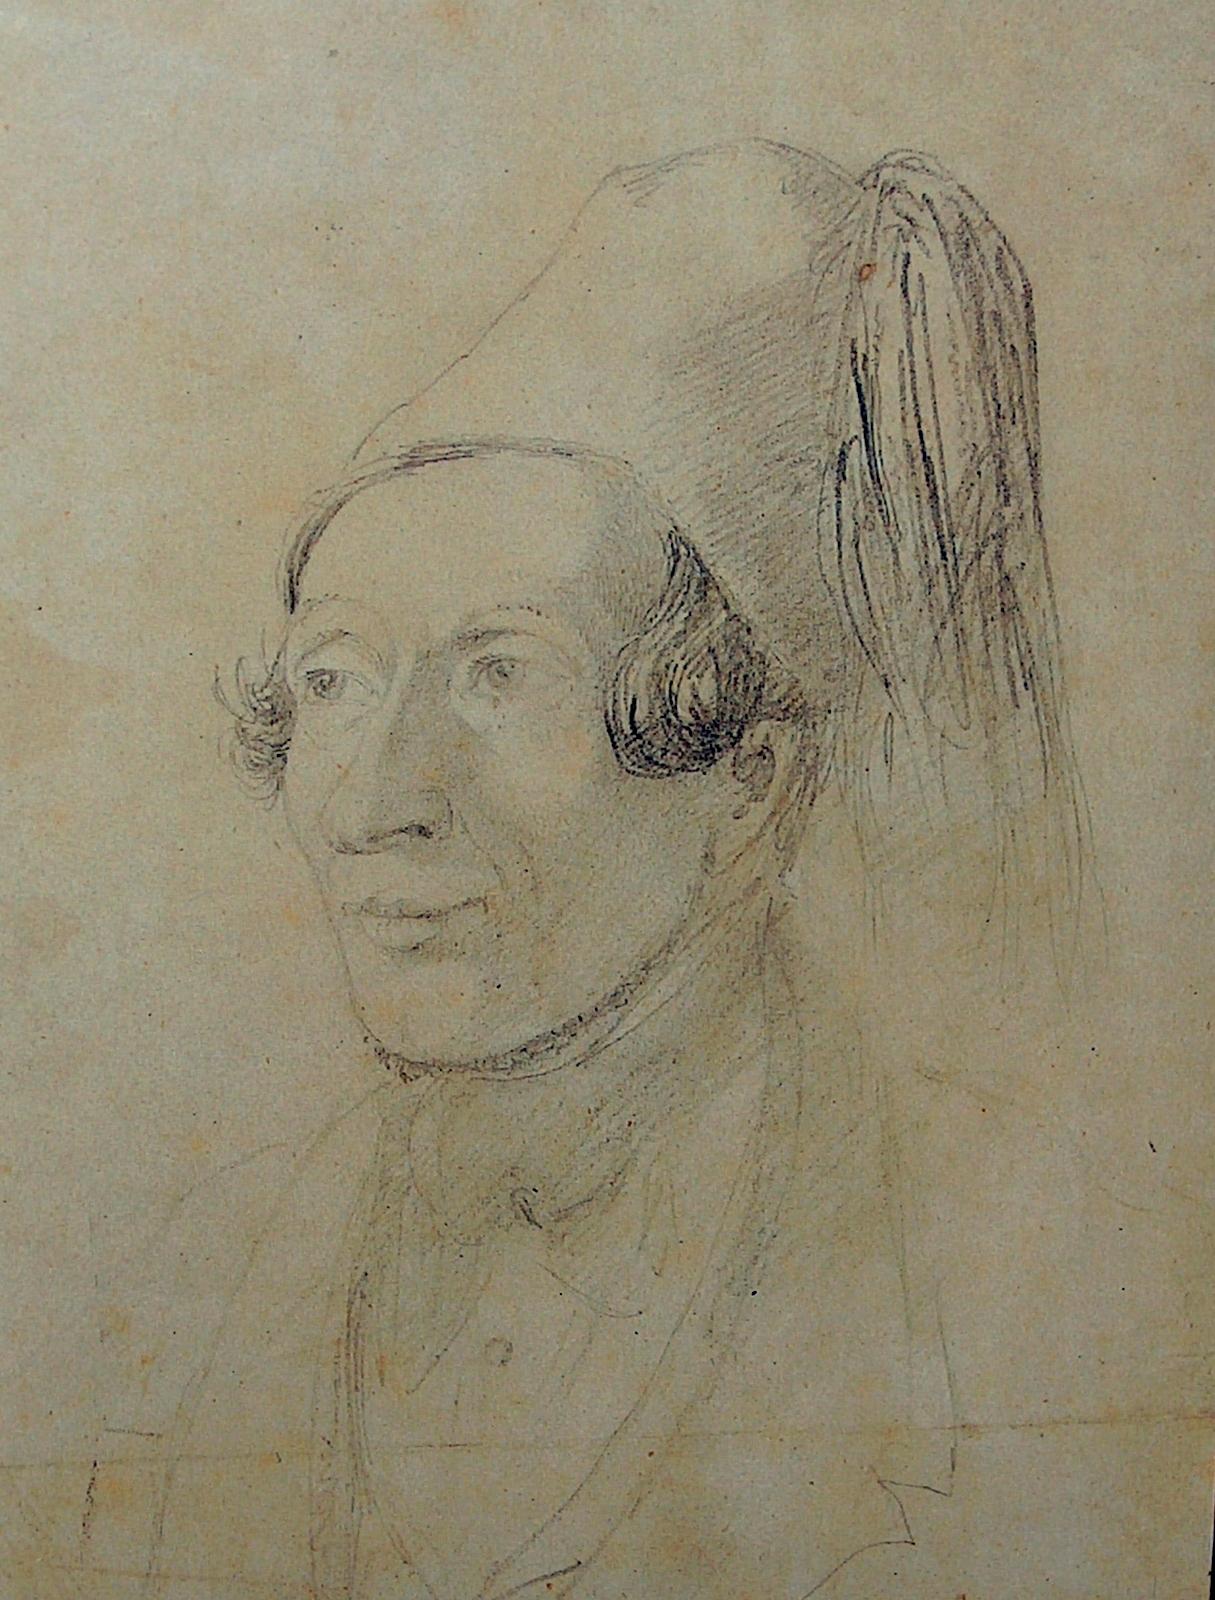 H.C. Andersen med fez. Tegning af Christian Hansen, Athen 1841. Det Kongelige Kobberstiksamlingen. Foto Lars Bjørnsten Odense 2004